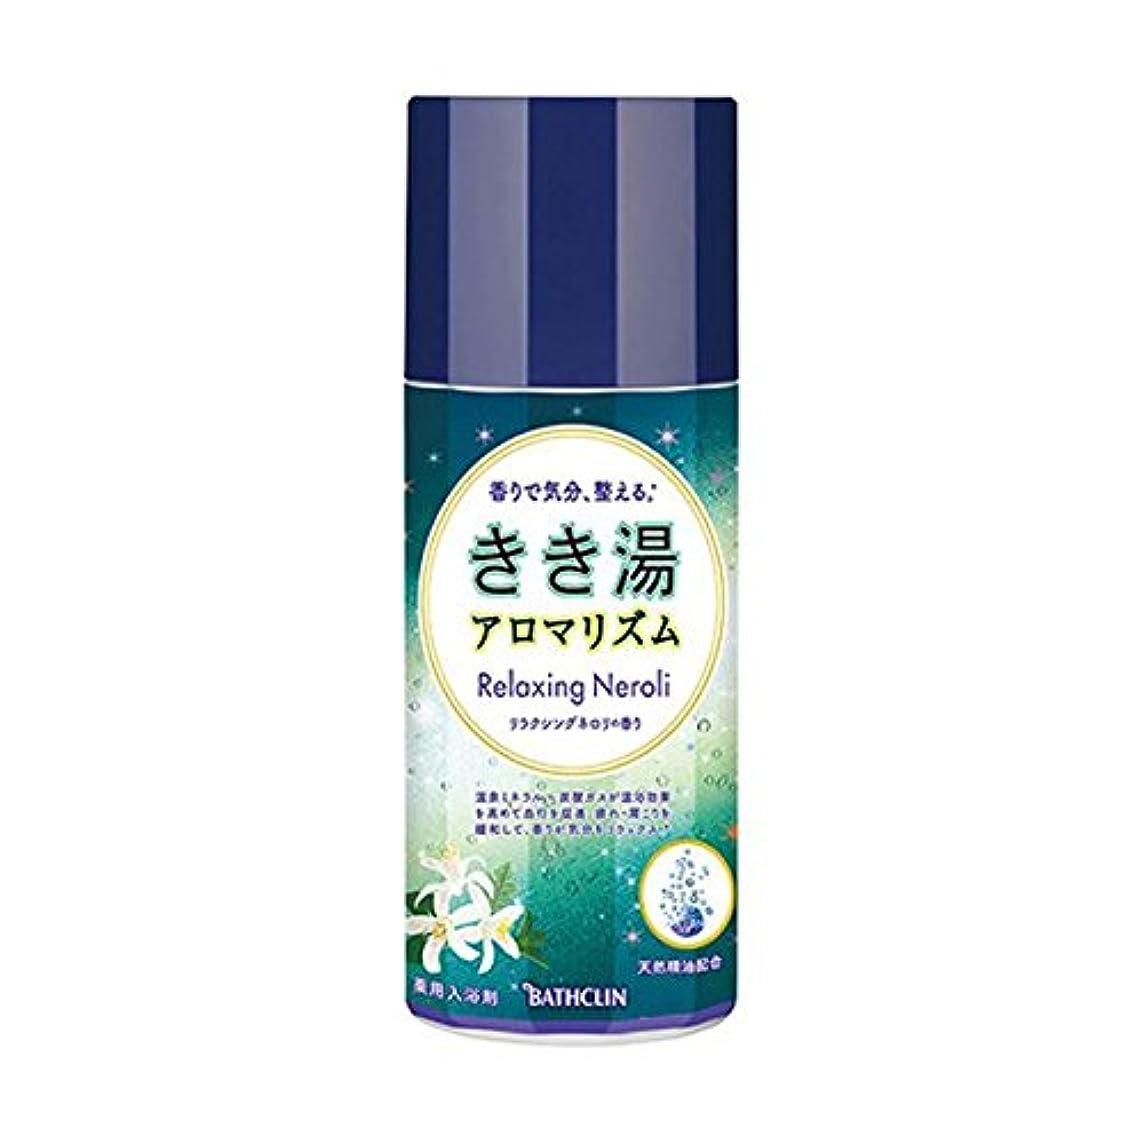 毛布やさしいスクランブルきき湯アロマリズム リラクシングネロリの香り 360gx3本 (4548514137585)